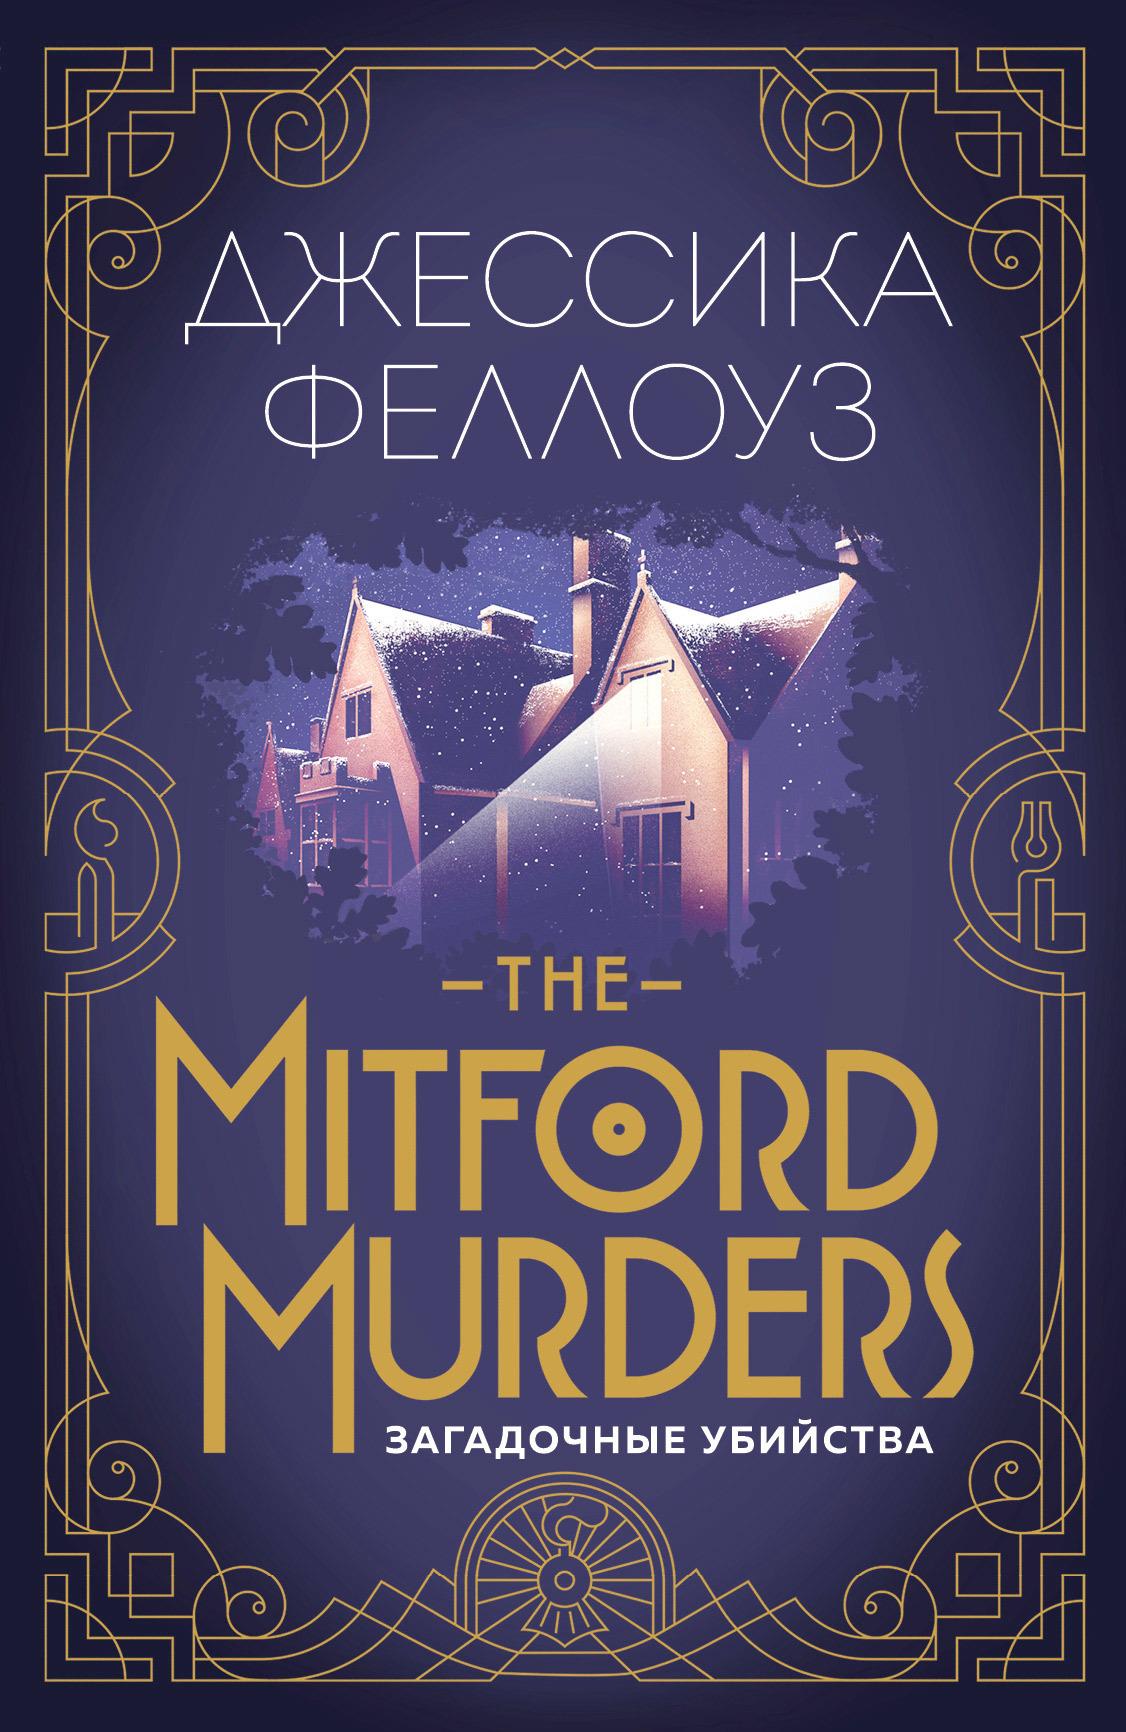 Джессика Феллоуз - The Mitford murders. Загадочные убийства